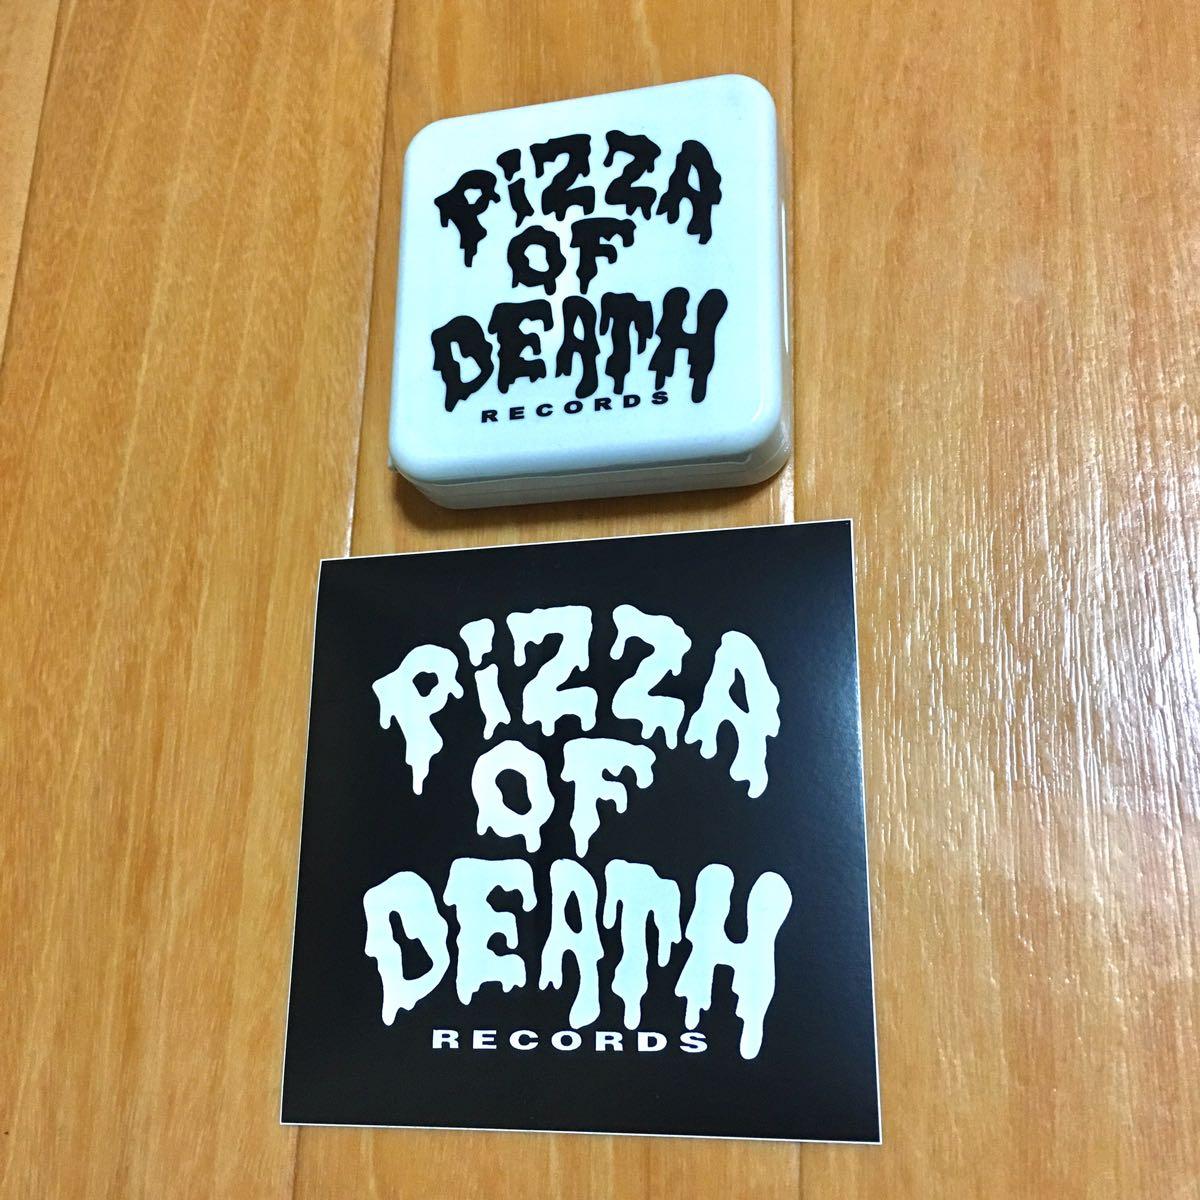 pizza of death ピザオブデス オペラグラス 双眼鏡 ステッカー付 ken yokoyama ハイスタ hi-standard wanima コーチジャケット パーカー